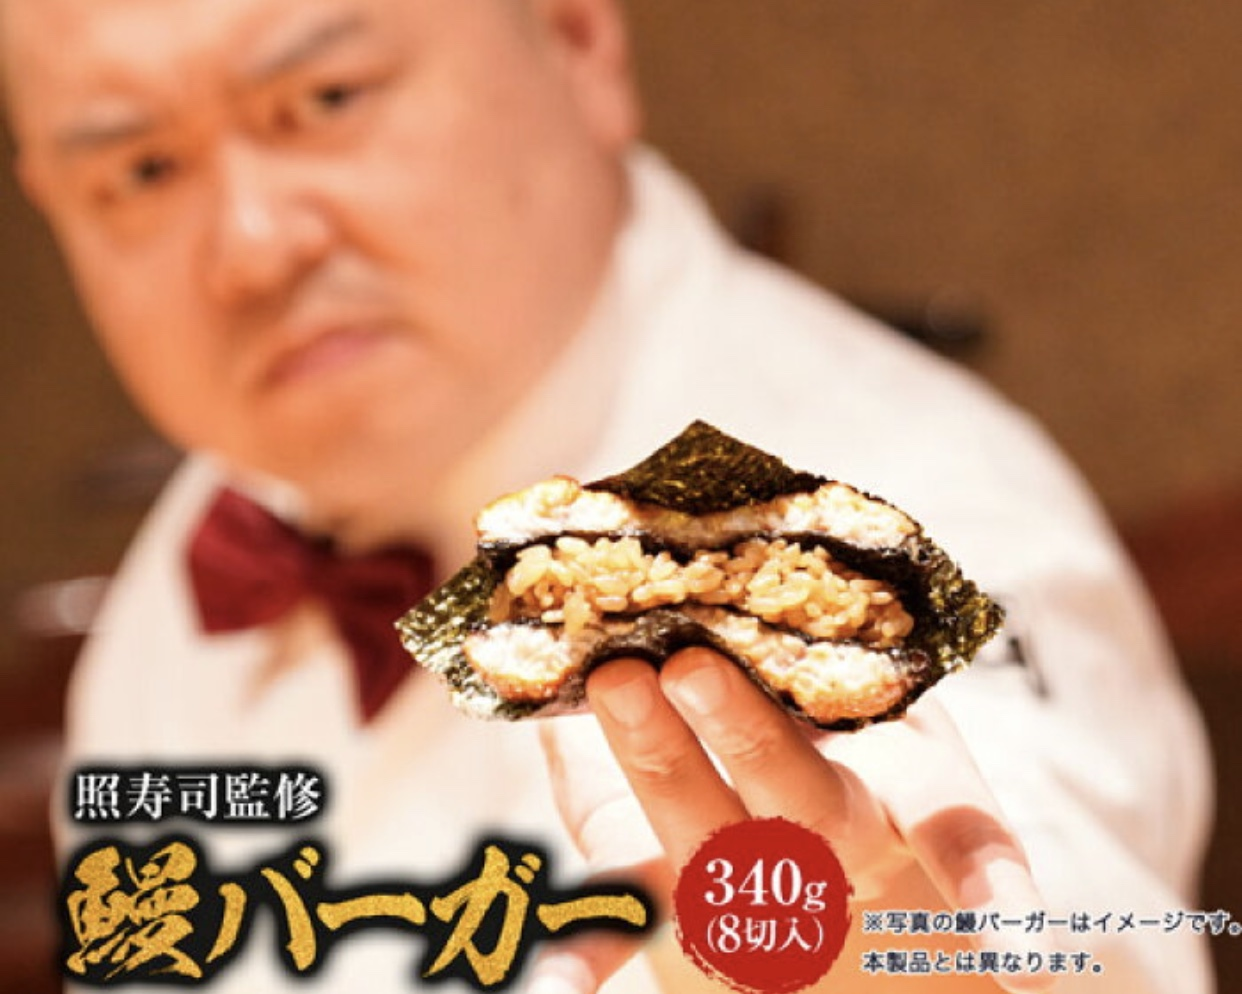 松屋鰻バーガーの紹介